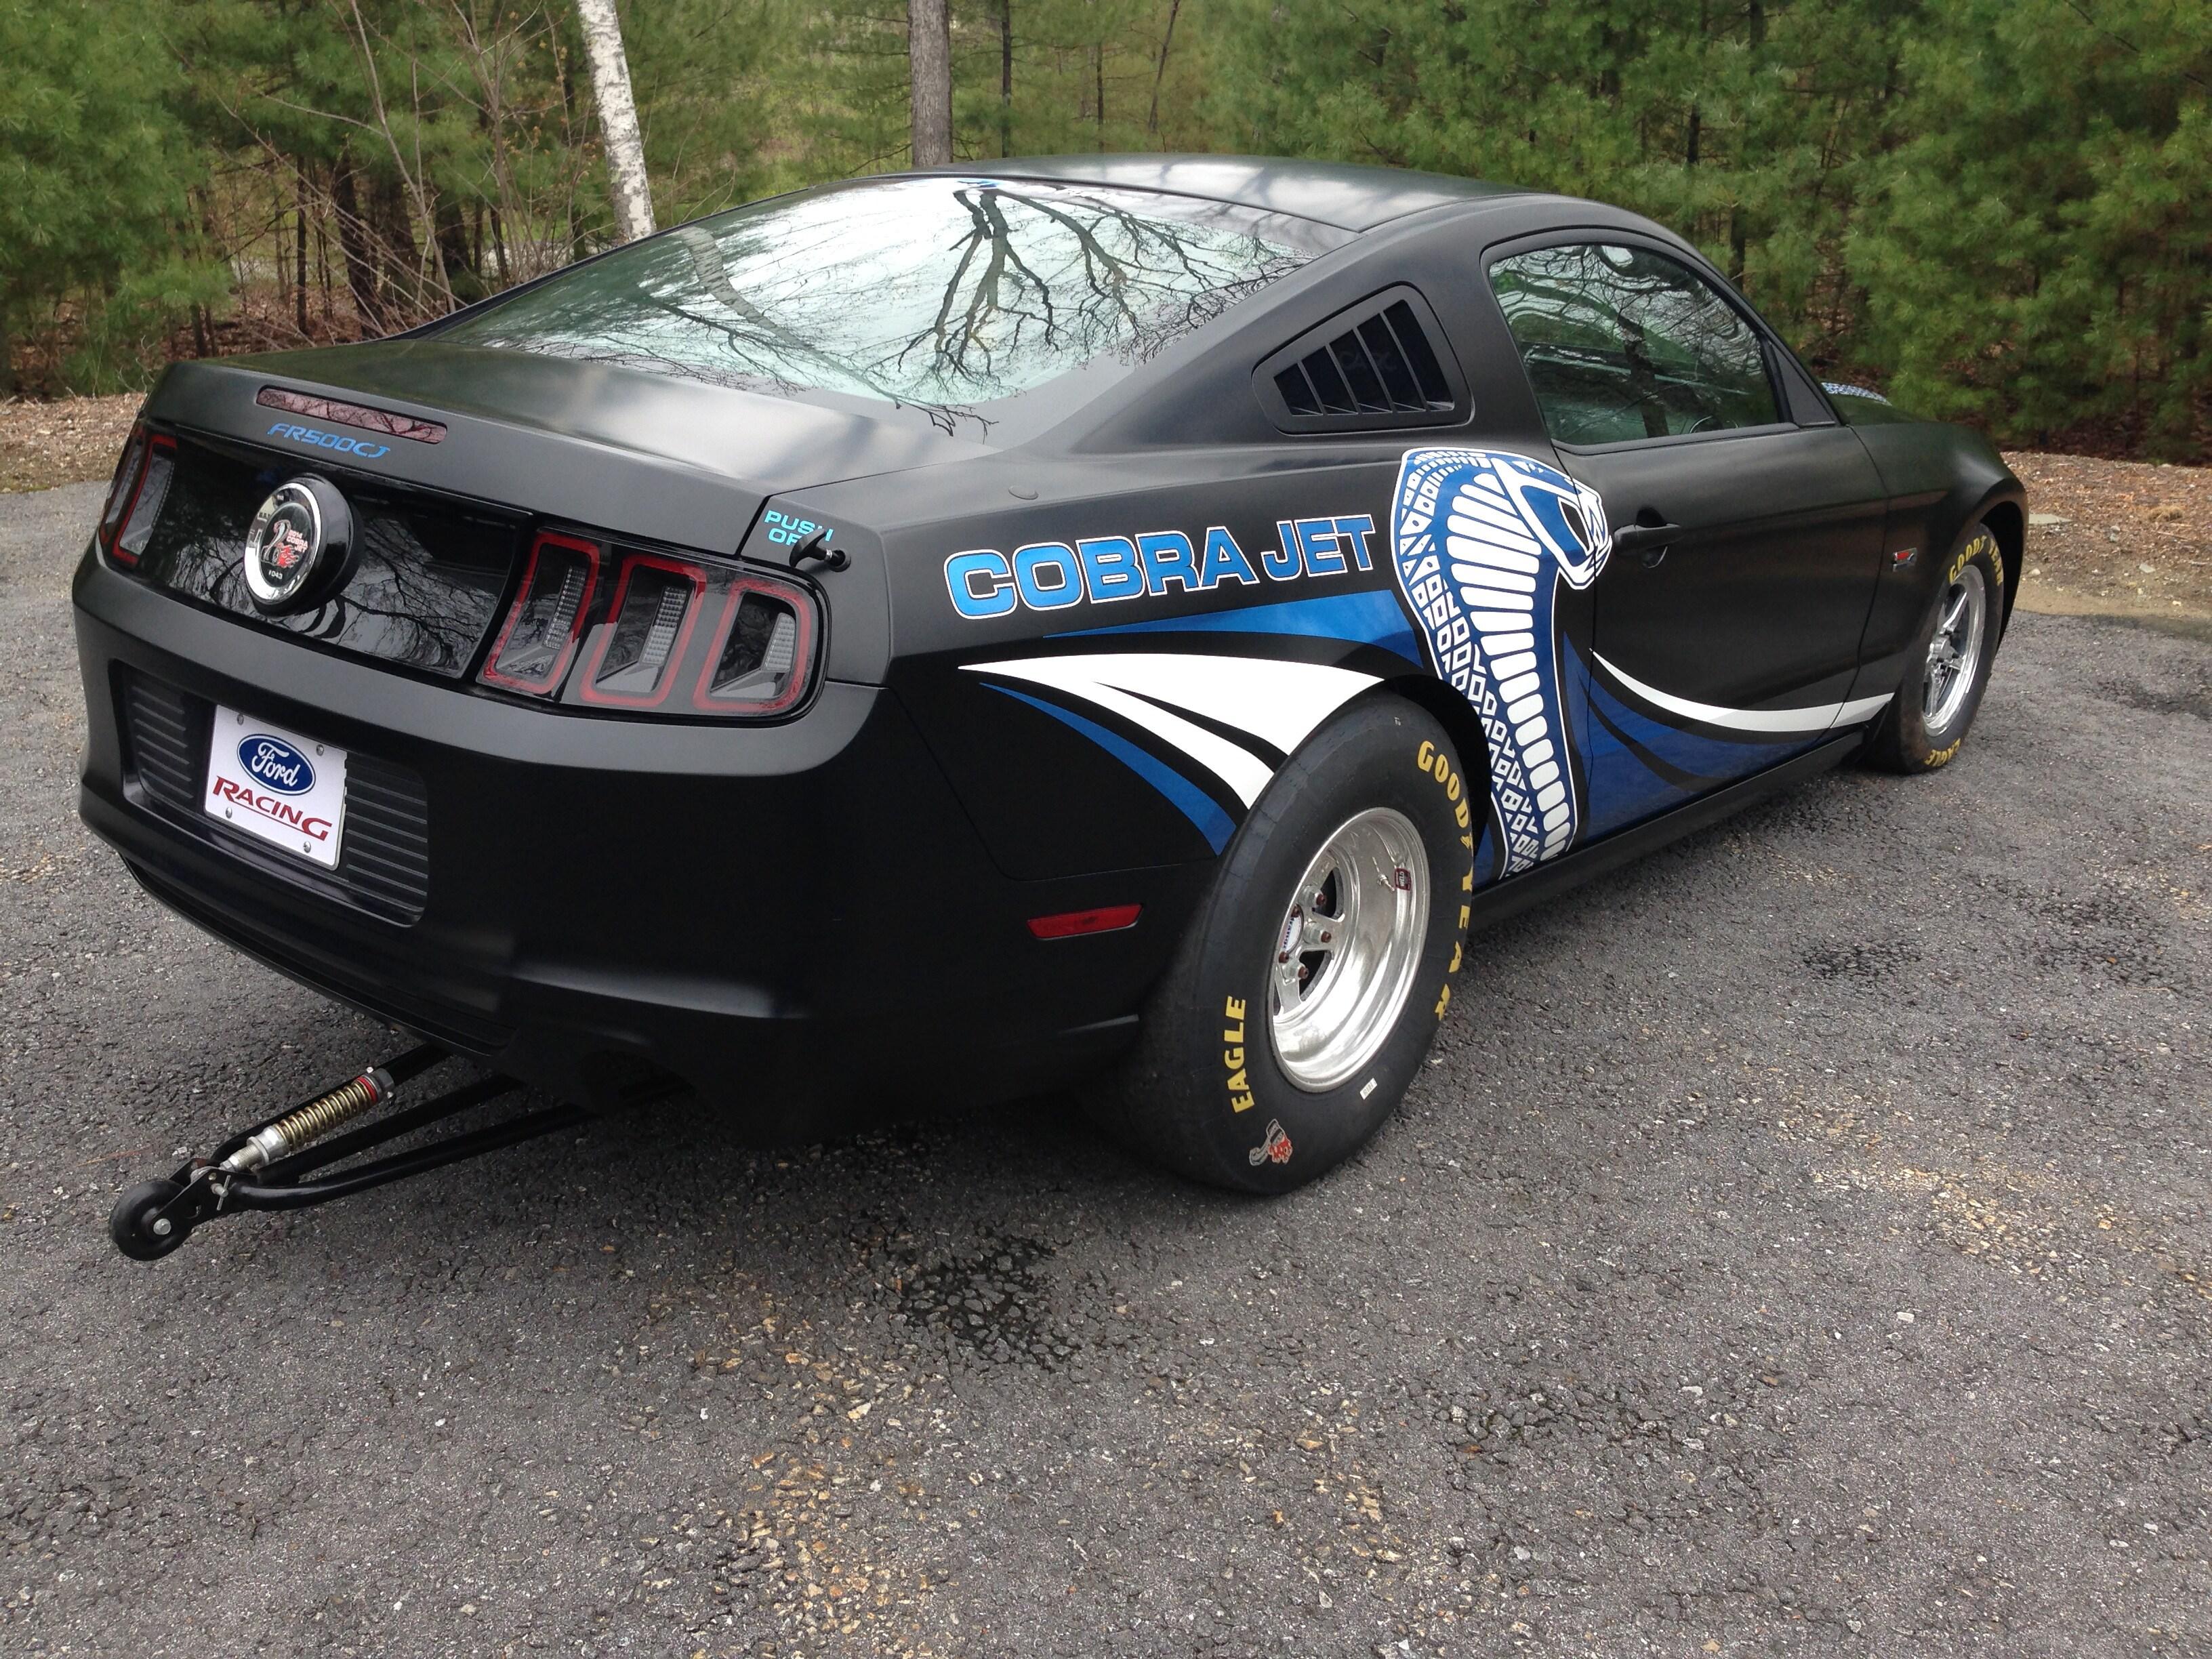 Mustang cobra pic